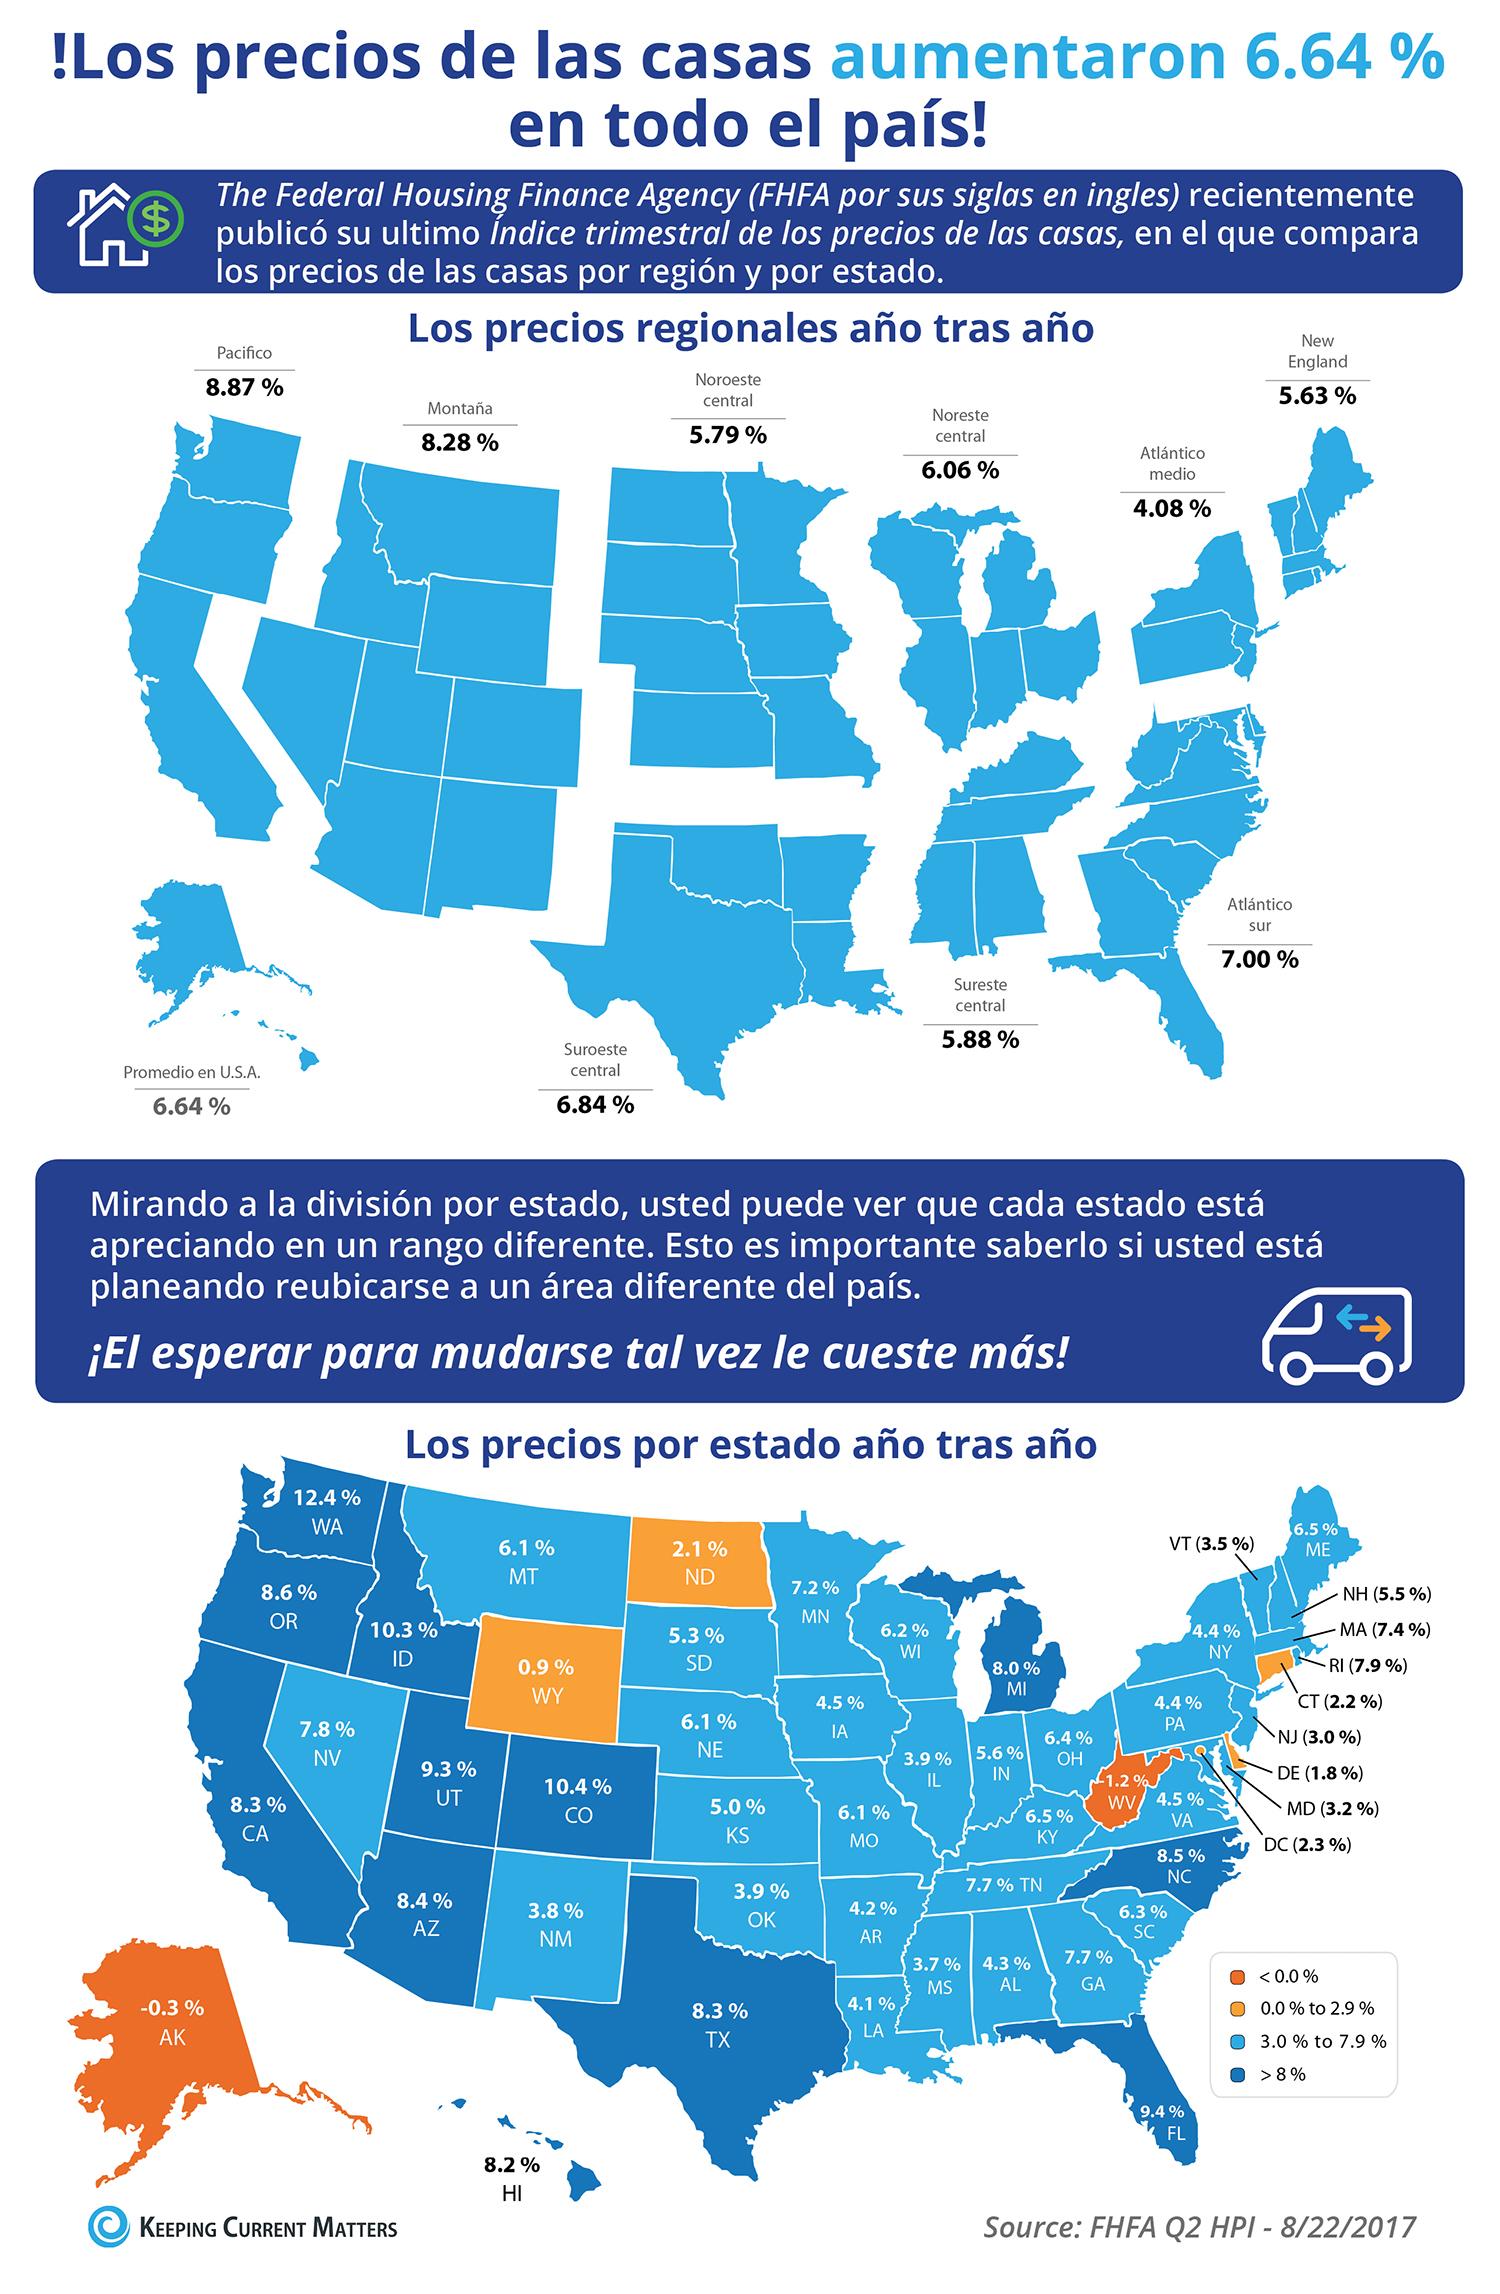 Los precios de las viviendas aumentaron 6.64 % a través del país [infografía] | Keeping Current Matters